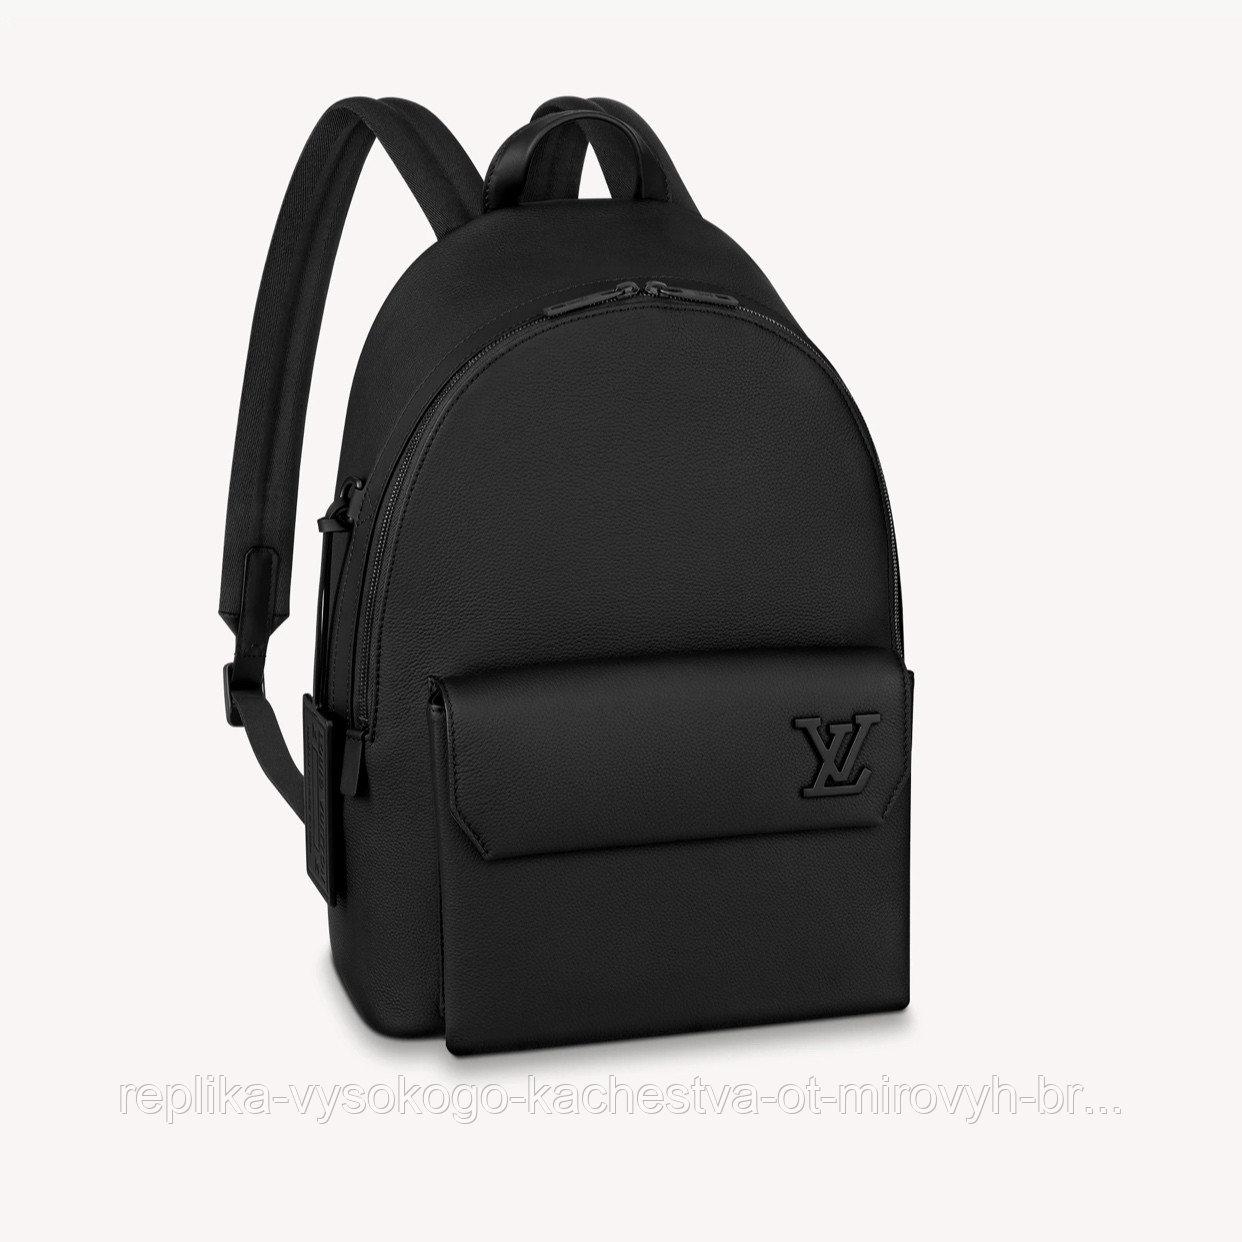 Городской рюкзак LV Aerogram